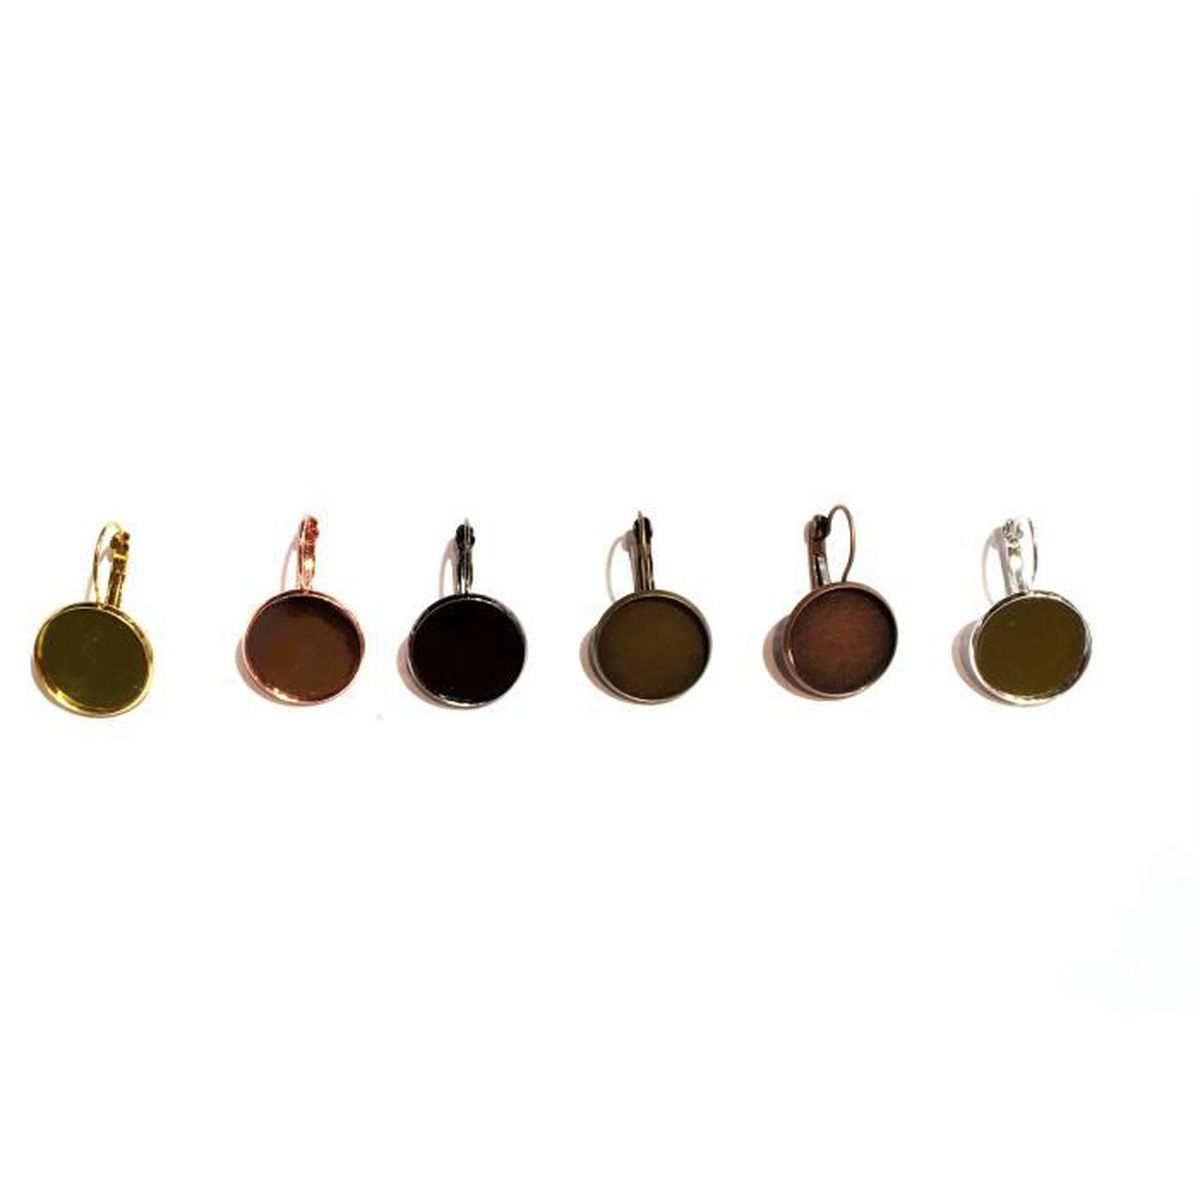 Neuf 50 clous d/'oreilles tiges 10mm plateau 6mm couleur bronze